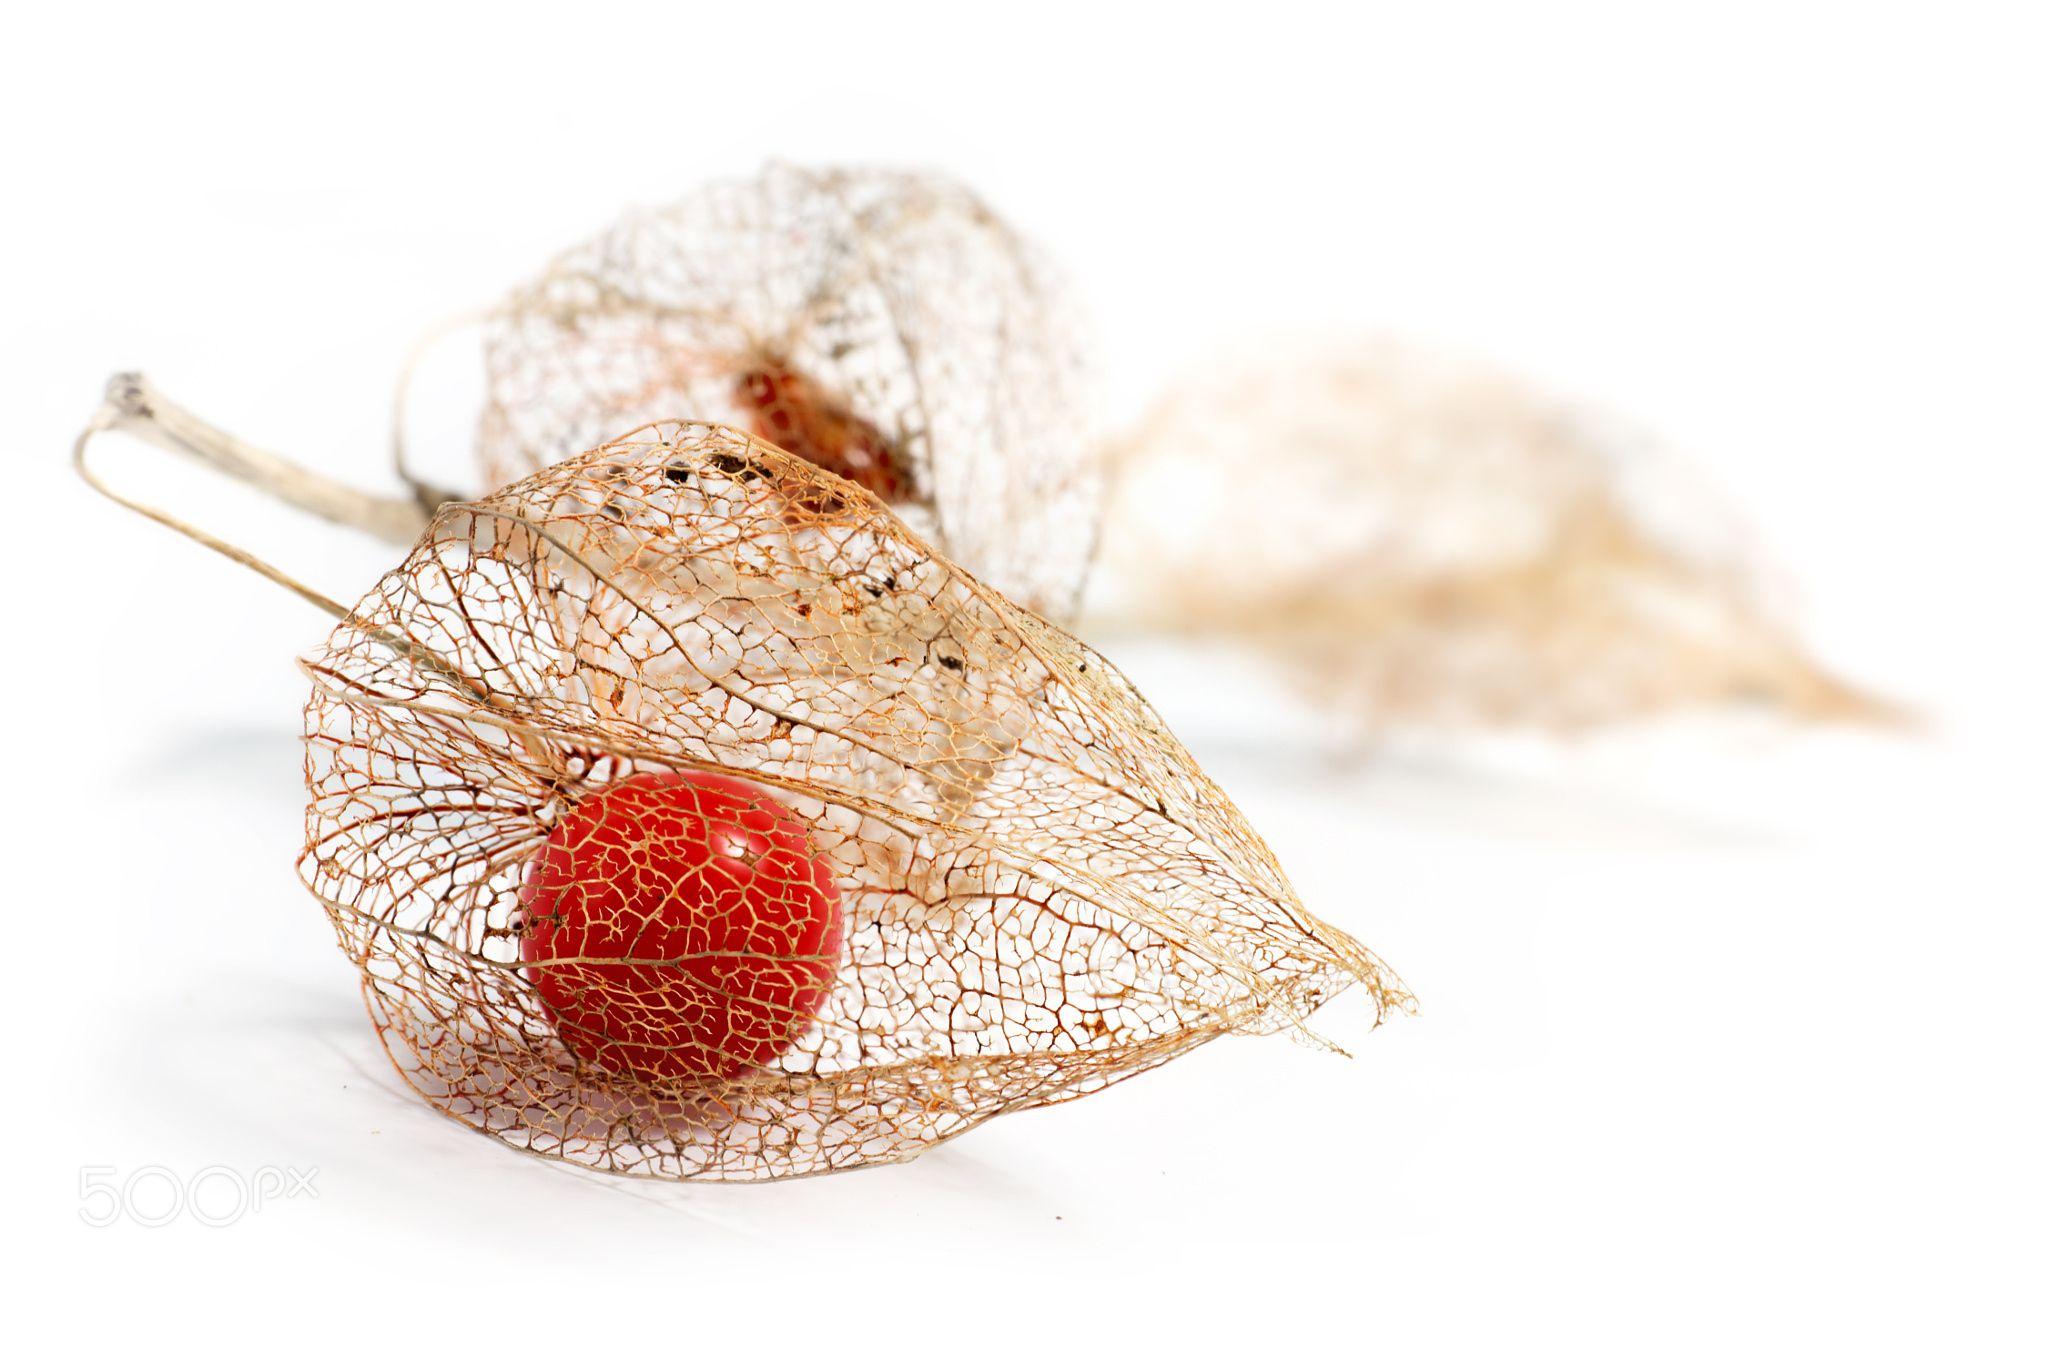 physalis chinese lantern dried fruits isolated on white backgrou - Physalis alkekengi - chinese lantern dried fruits with filigree texture isolated on white background